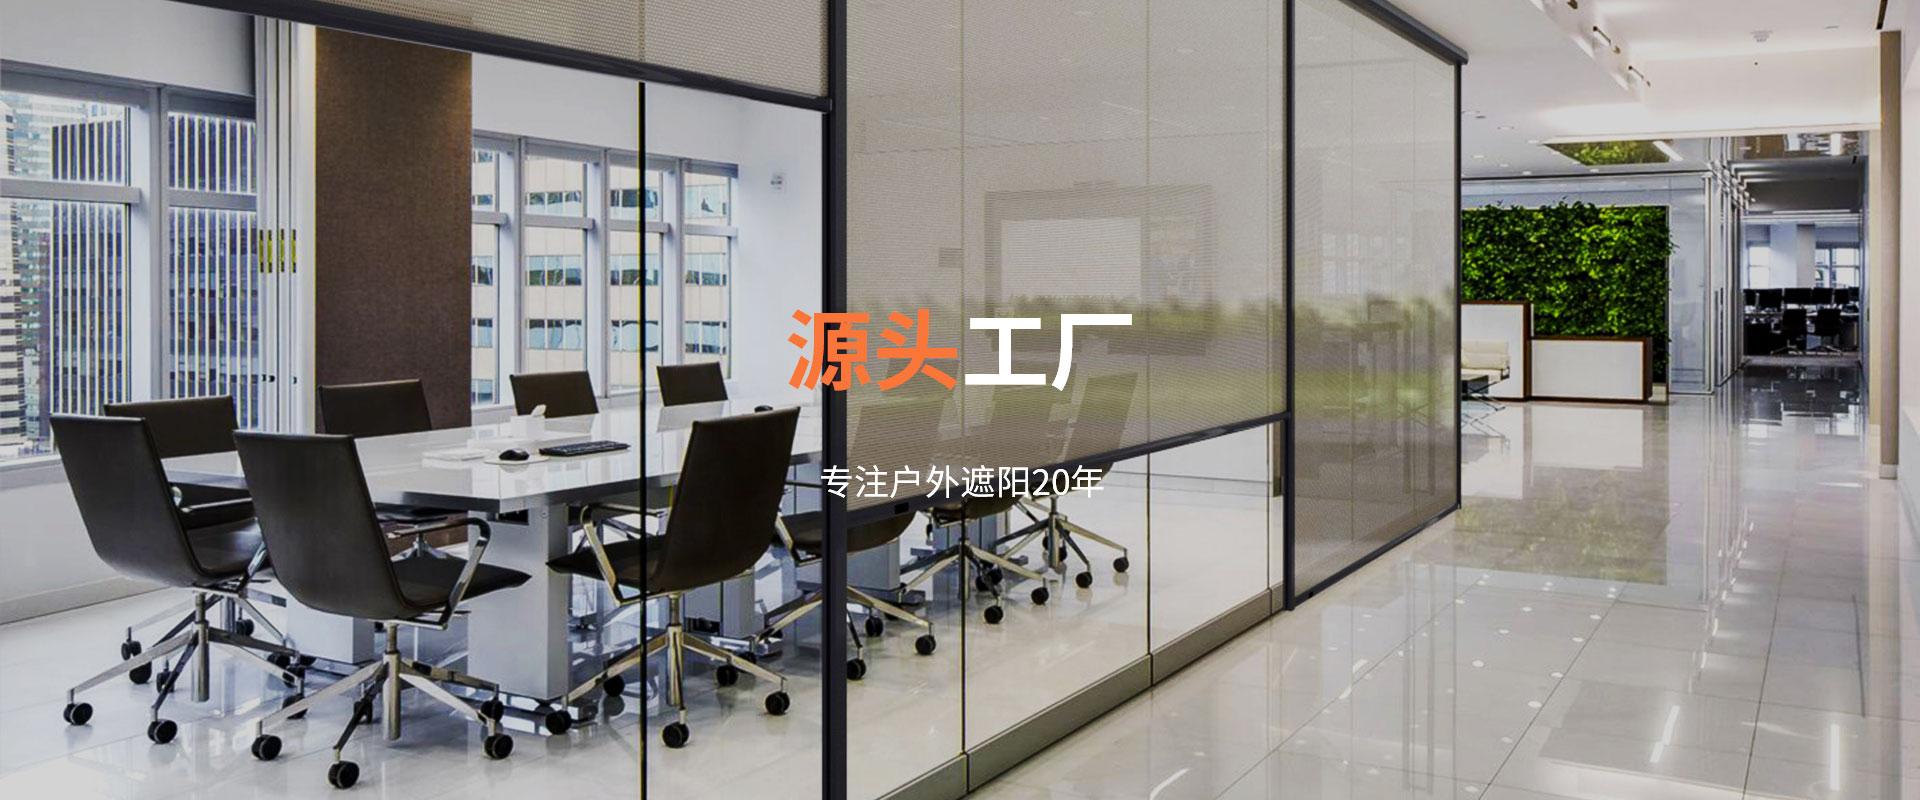 杭州双成遮阳制品有限公司